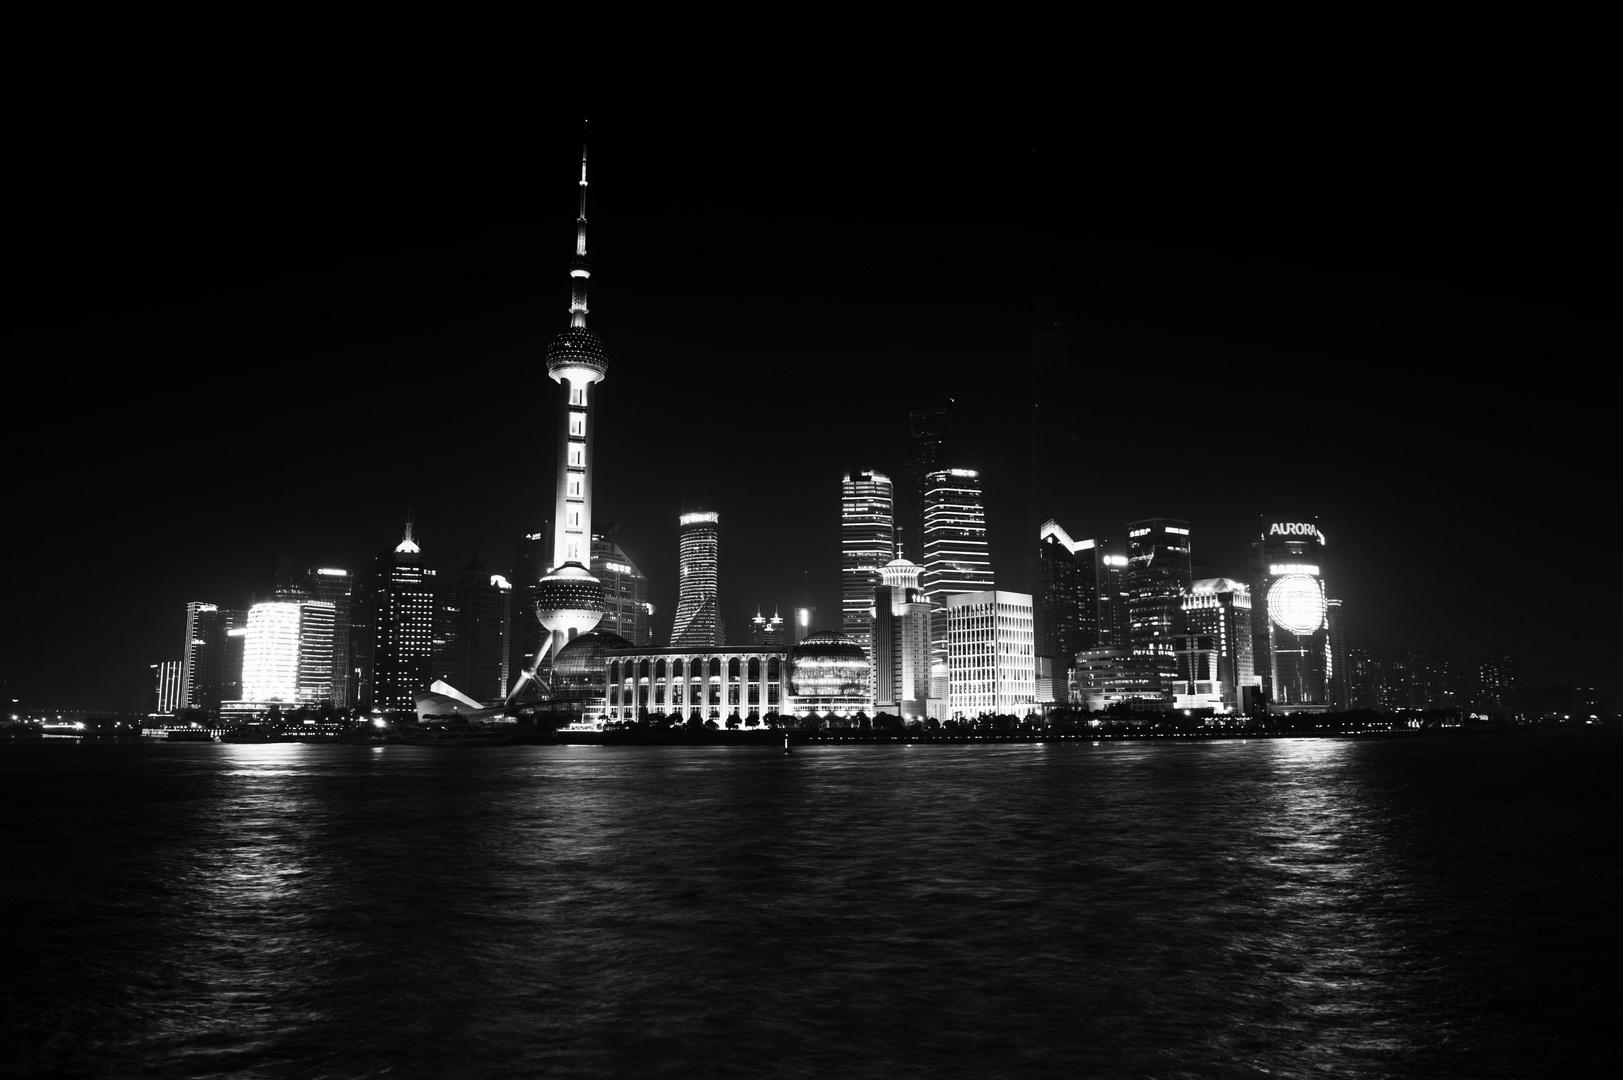 Shanghai Skyline in black and light